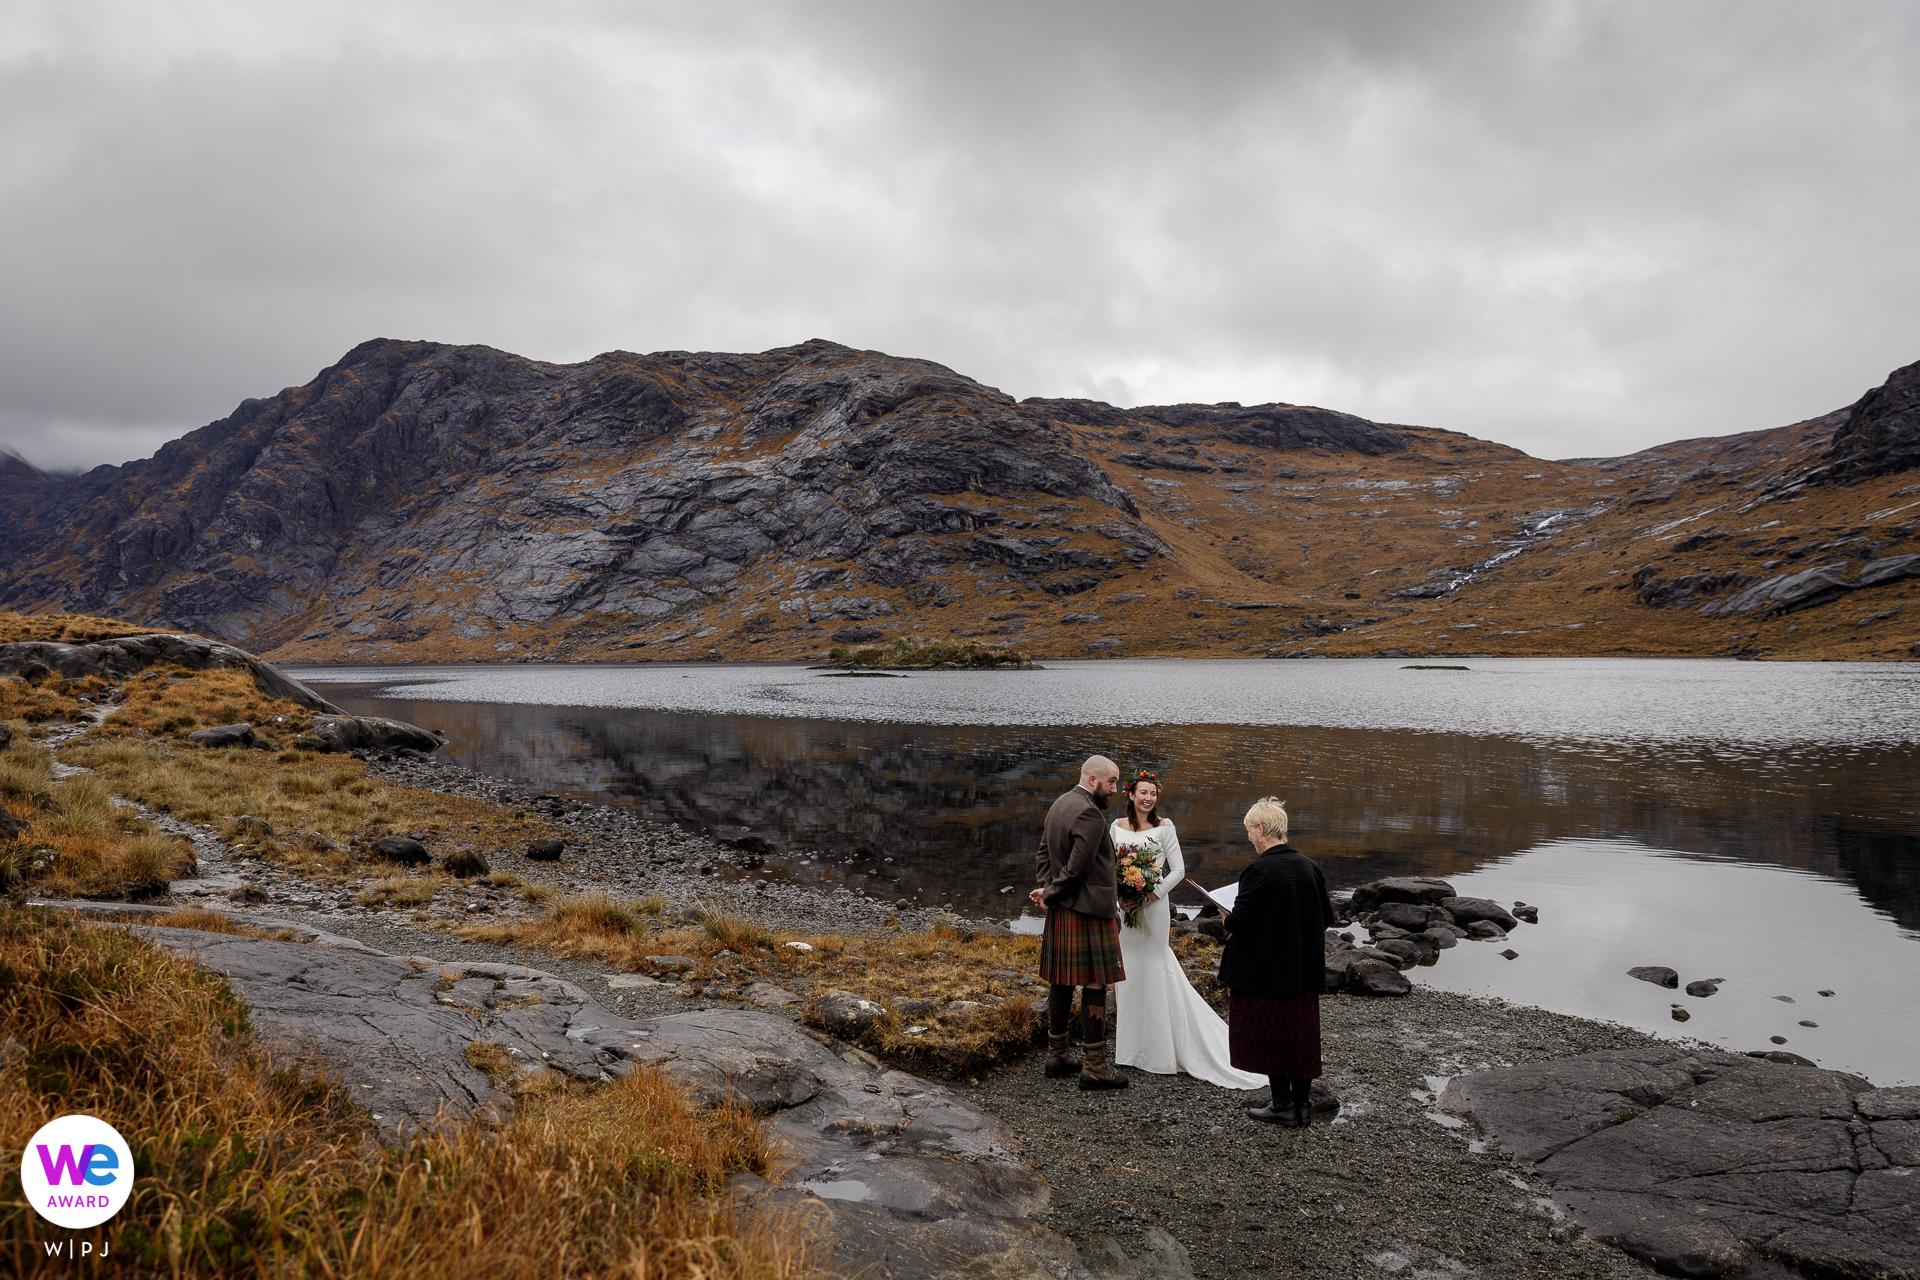 Isle of Skye, Schotland, VK Schaking Foto | De bruid en bruidegom wonen in de buurt van Edinburgh, Schotland, maar ze wilden ergens mooi en afgelegen trouwen, dus kozen ze voor het Isle of Skye in de Schotse Hooglanden